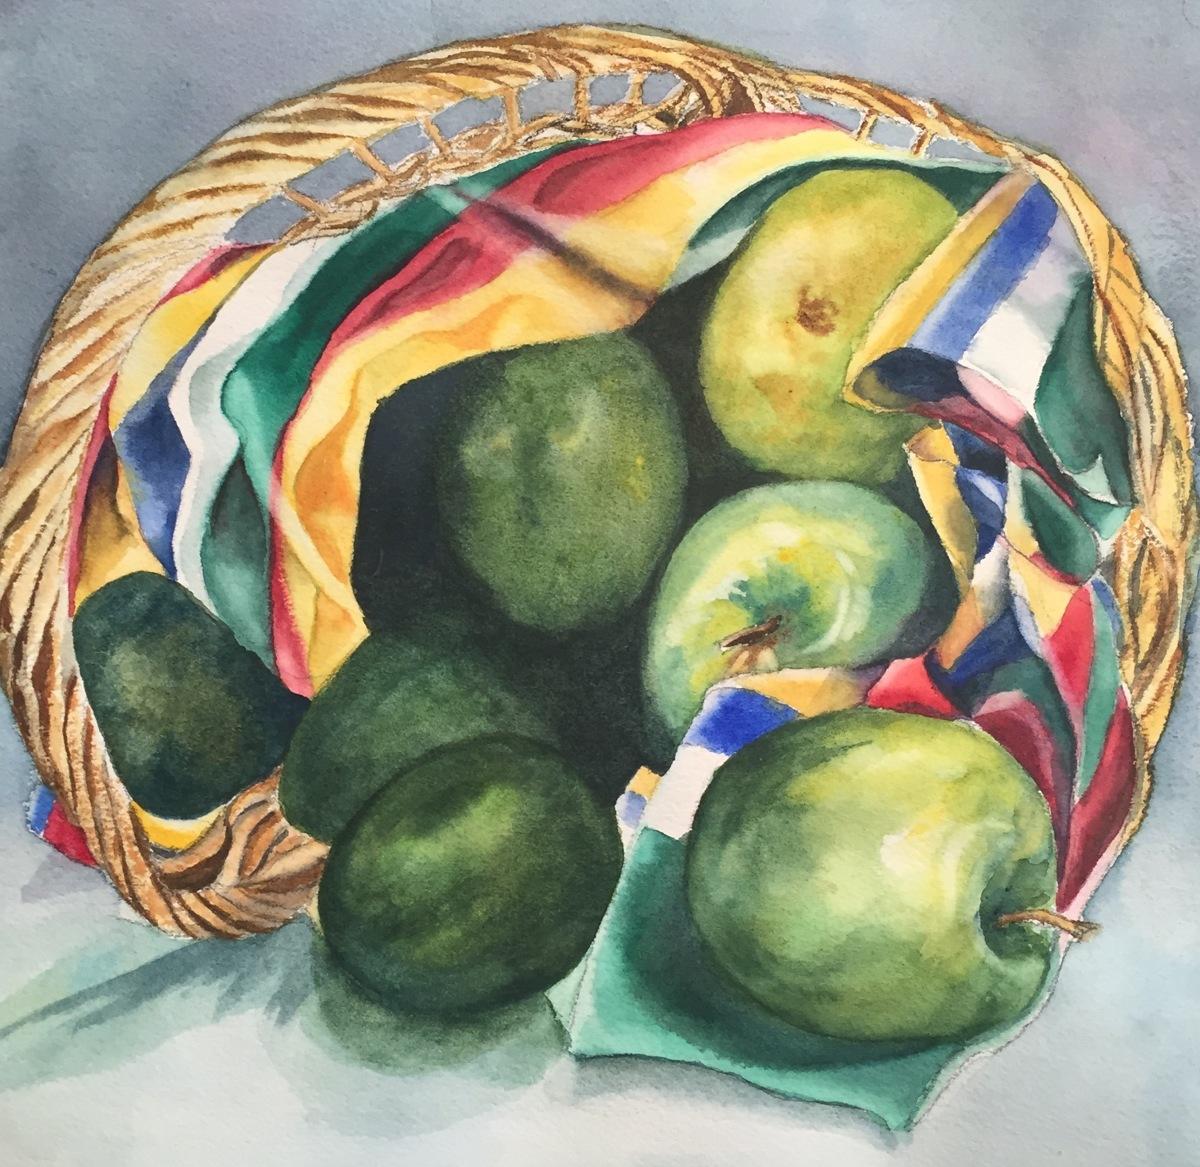 Fruit Basket (large view)